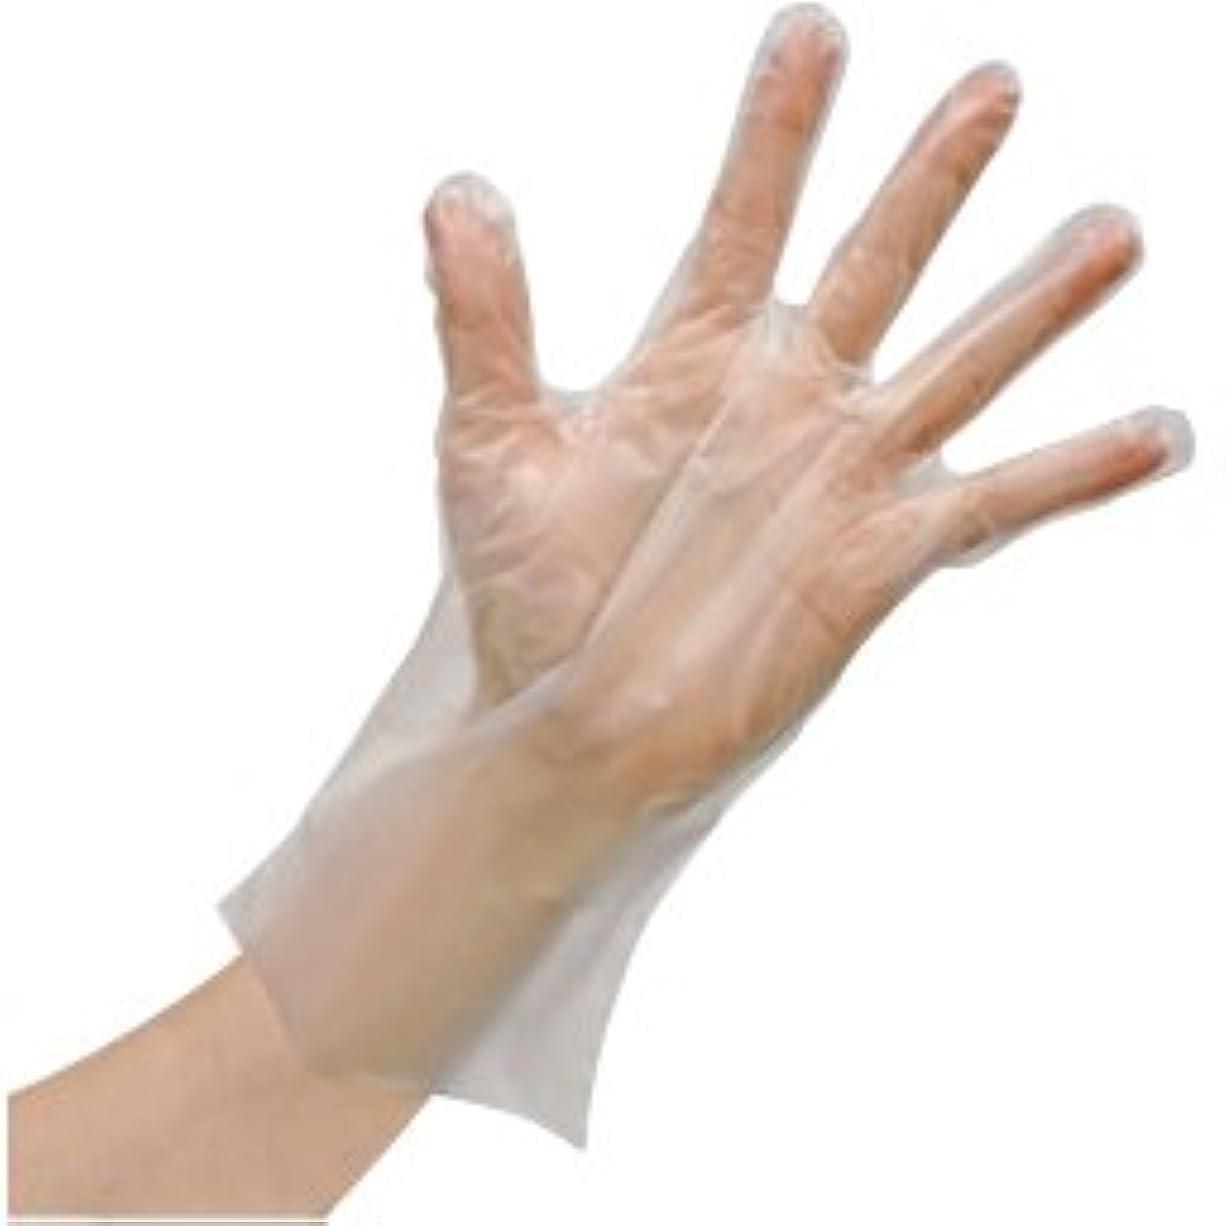 罰有効冷酷な使いきりLDポリエチレン手袋(箱) FR-5813(L)100???? ?????LD????????(??)(24-6743-02)【ファーストレイト】[60箱単位]